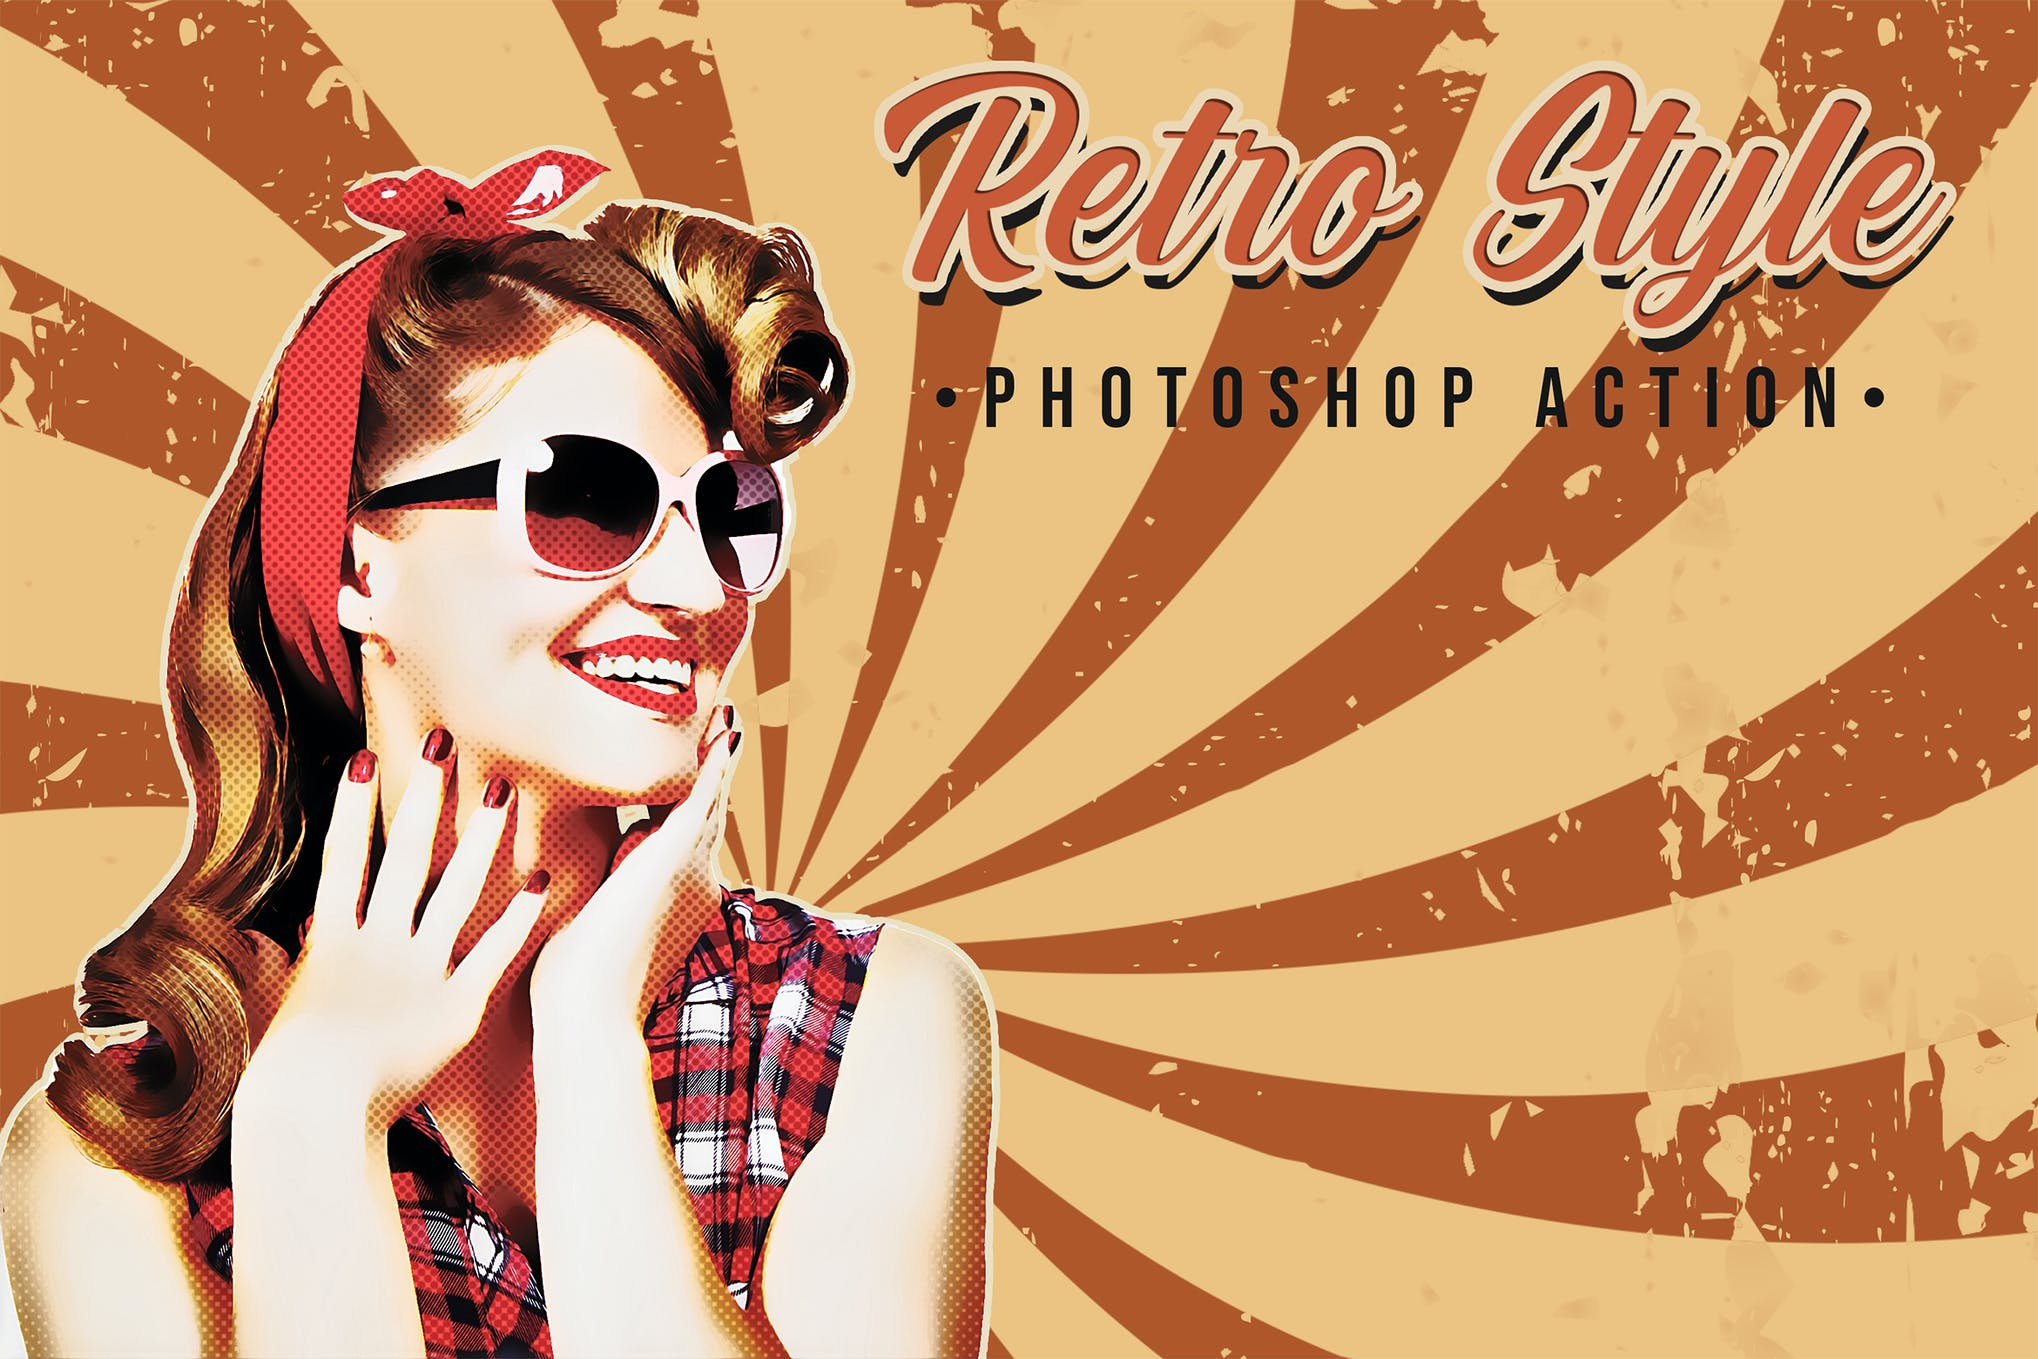 retro photoshop action